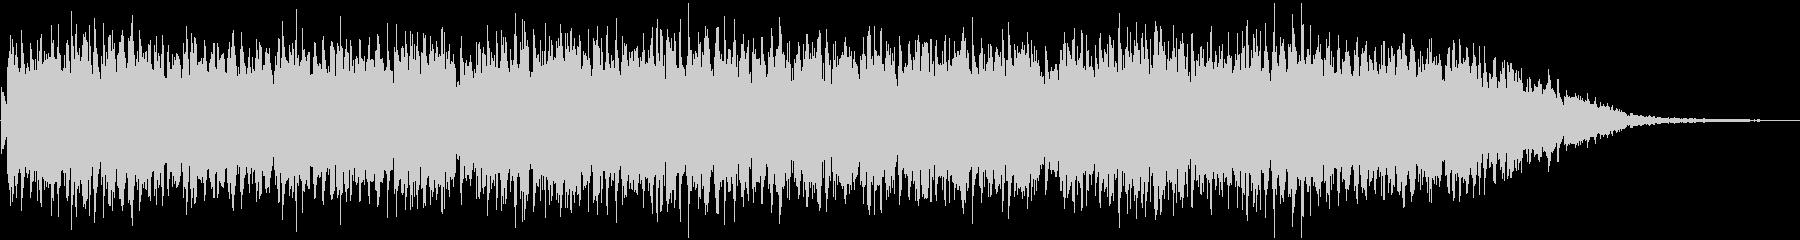 アンニュイなアコギメインのBGMの未再生の波形